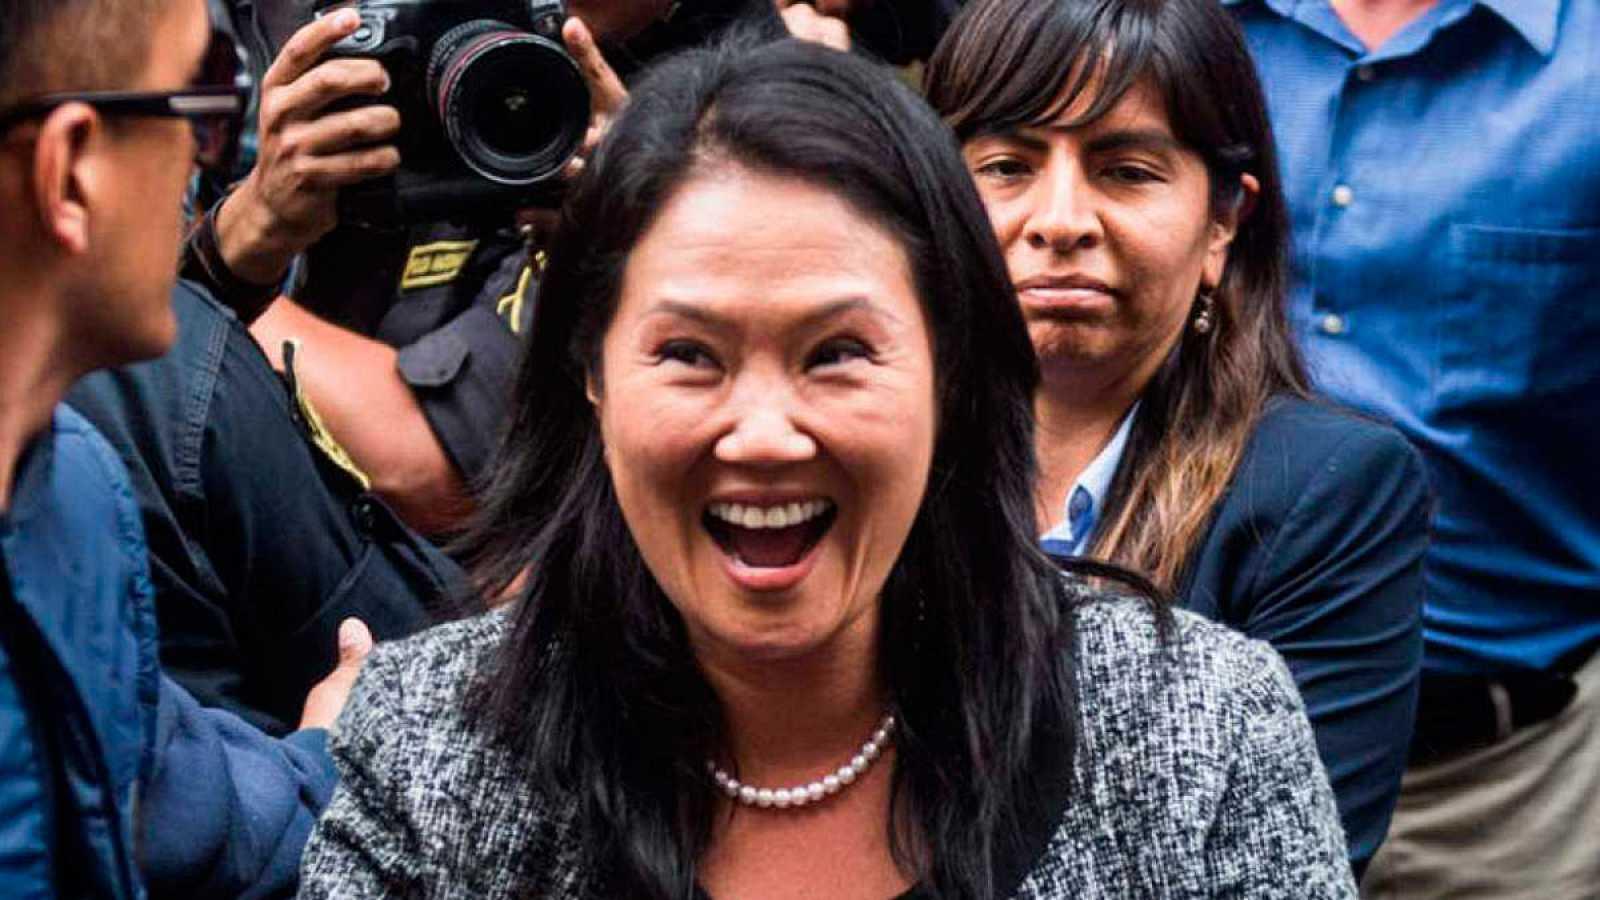 Perú: la opositora Keiko Fujimori vuelve a prisión durante 15 meses, mientras la investigan por presunto lavado de dinero